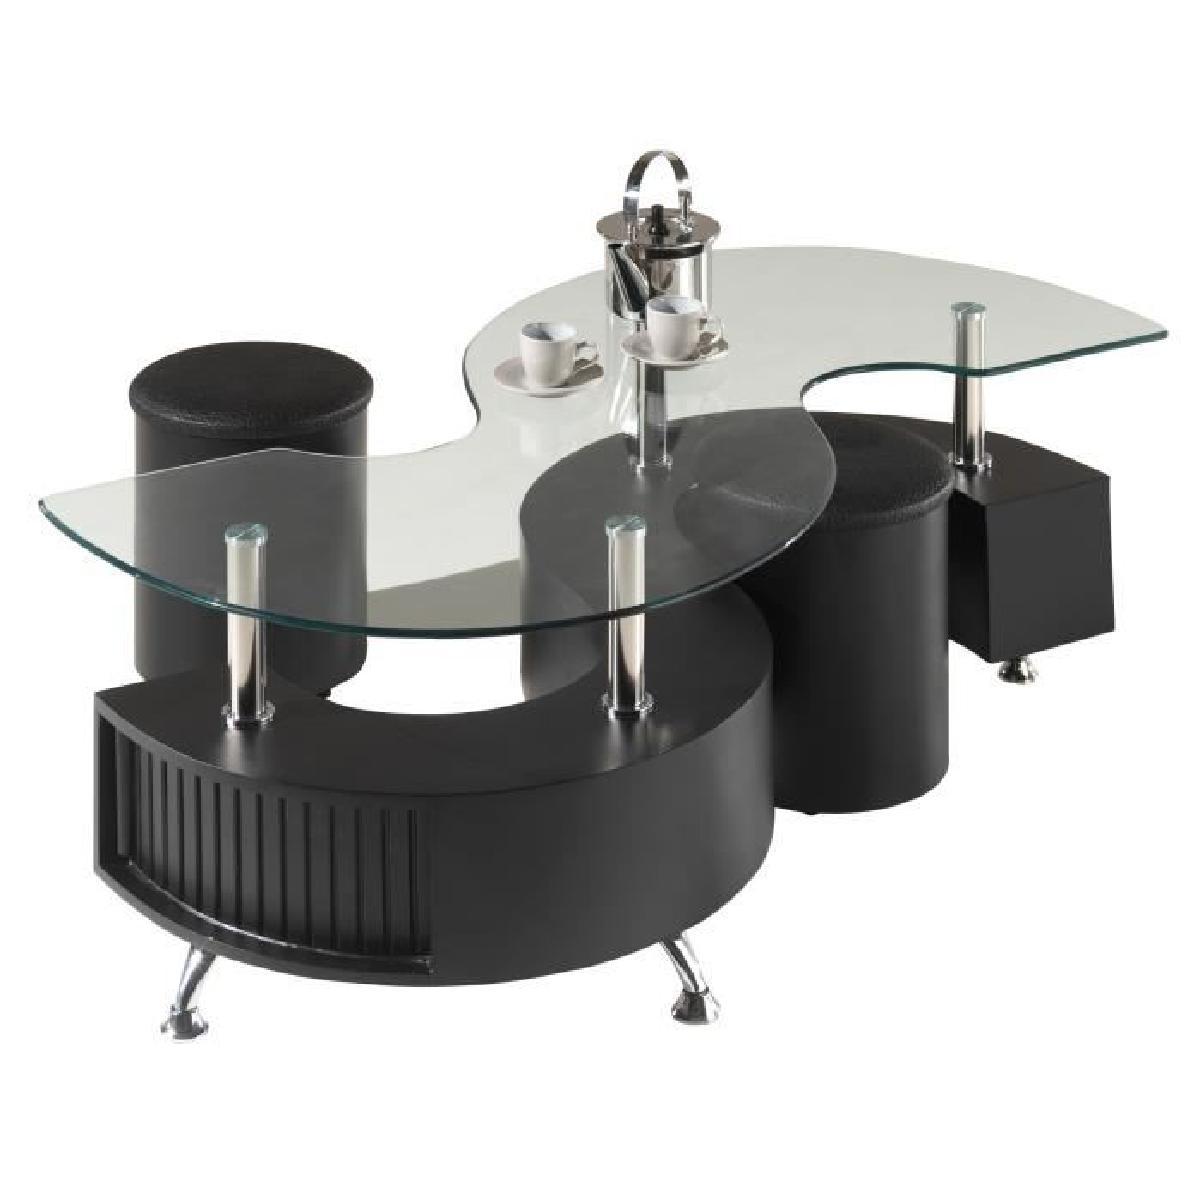 Table basse avec pouf en verre